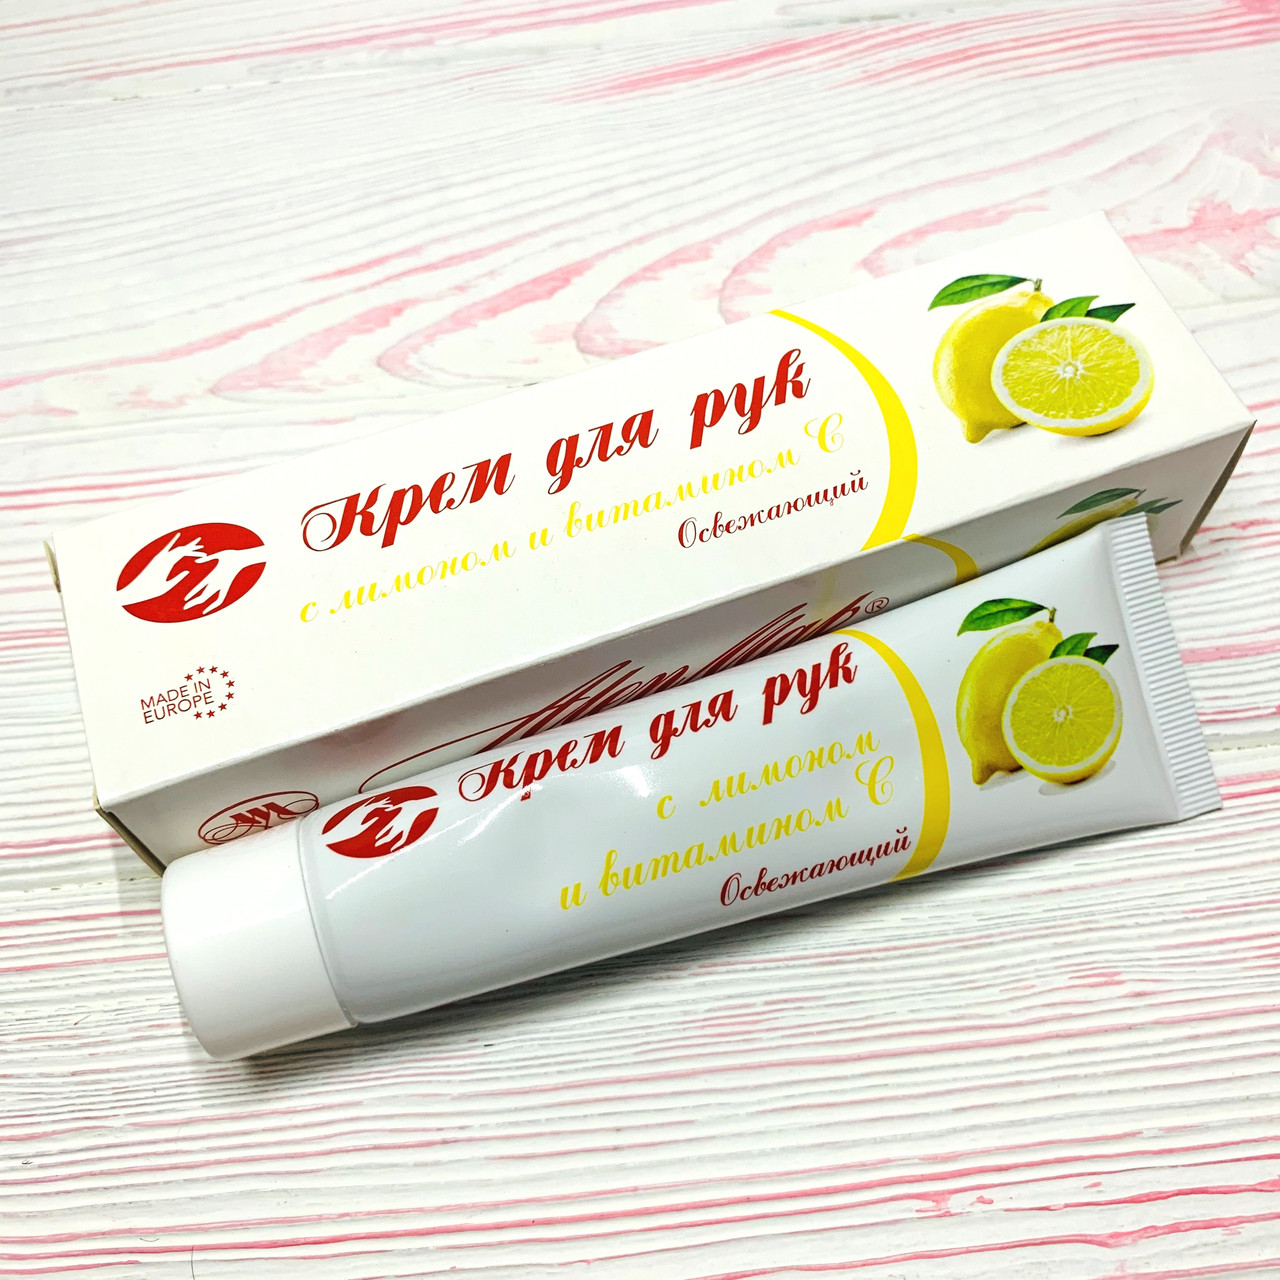 """Крем для рук Освежающий с лимоном и витамином Ален Мак """"Болгария"""" 50 ml"""